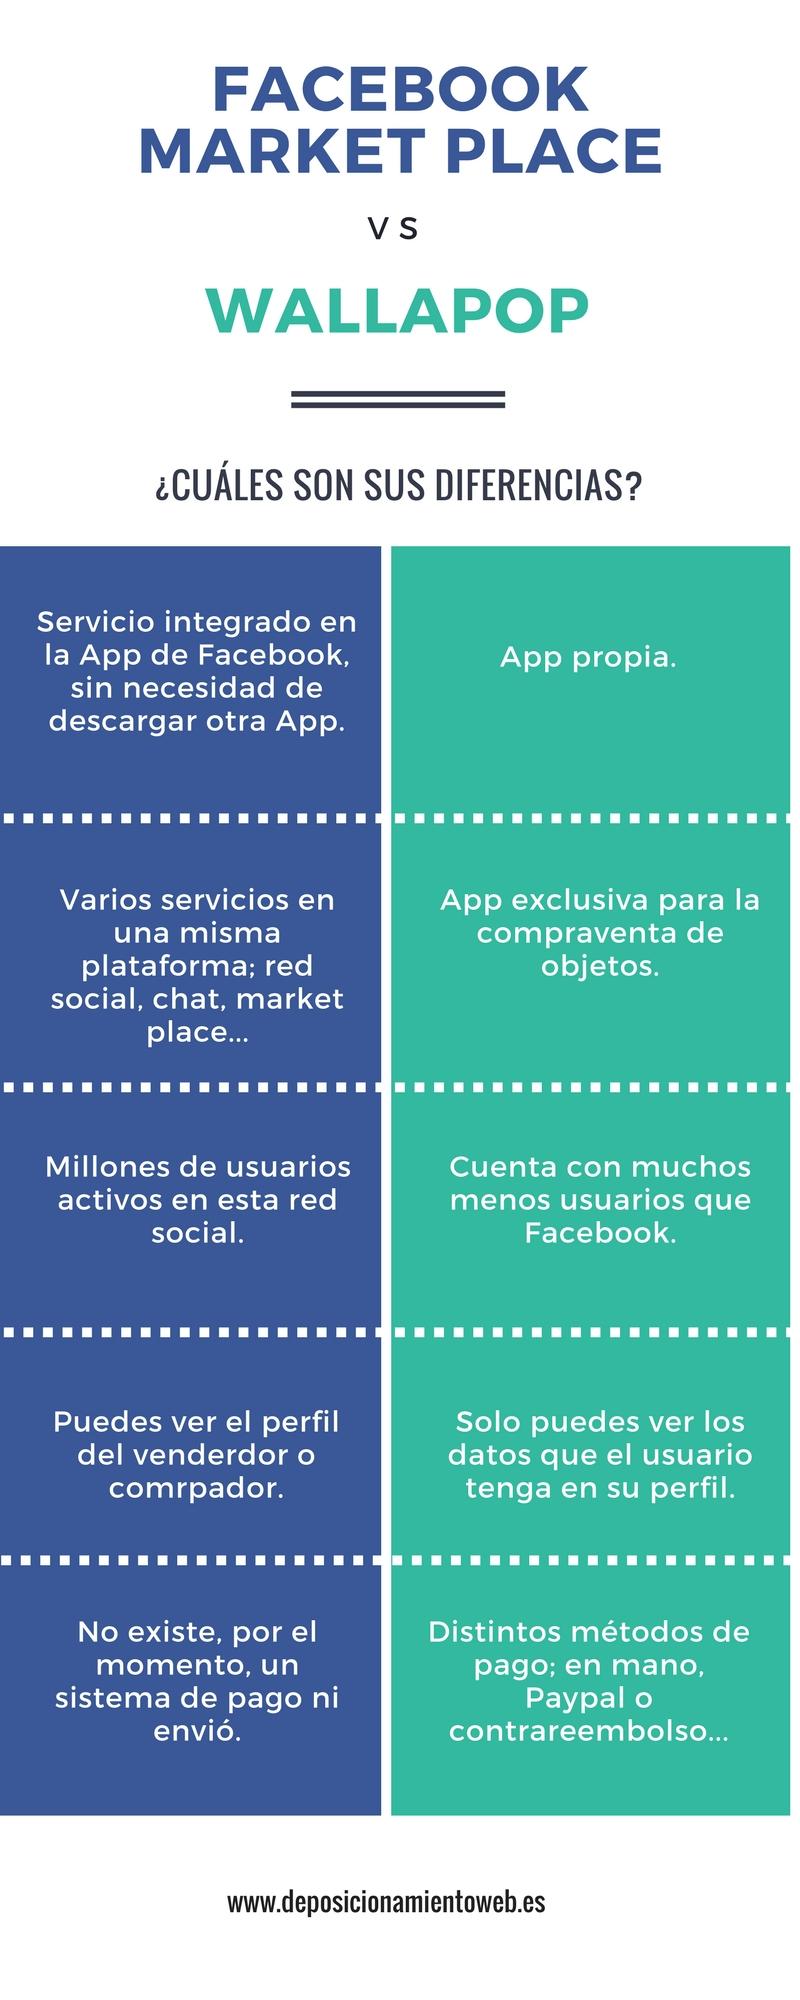 Infografía sobre Facebook Market Place